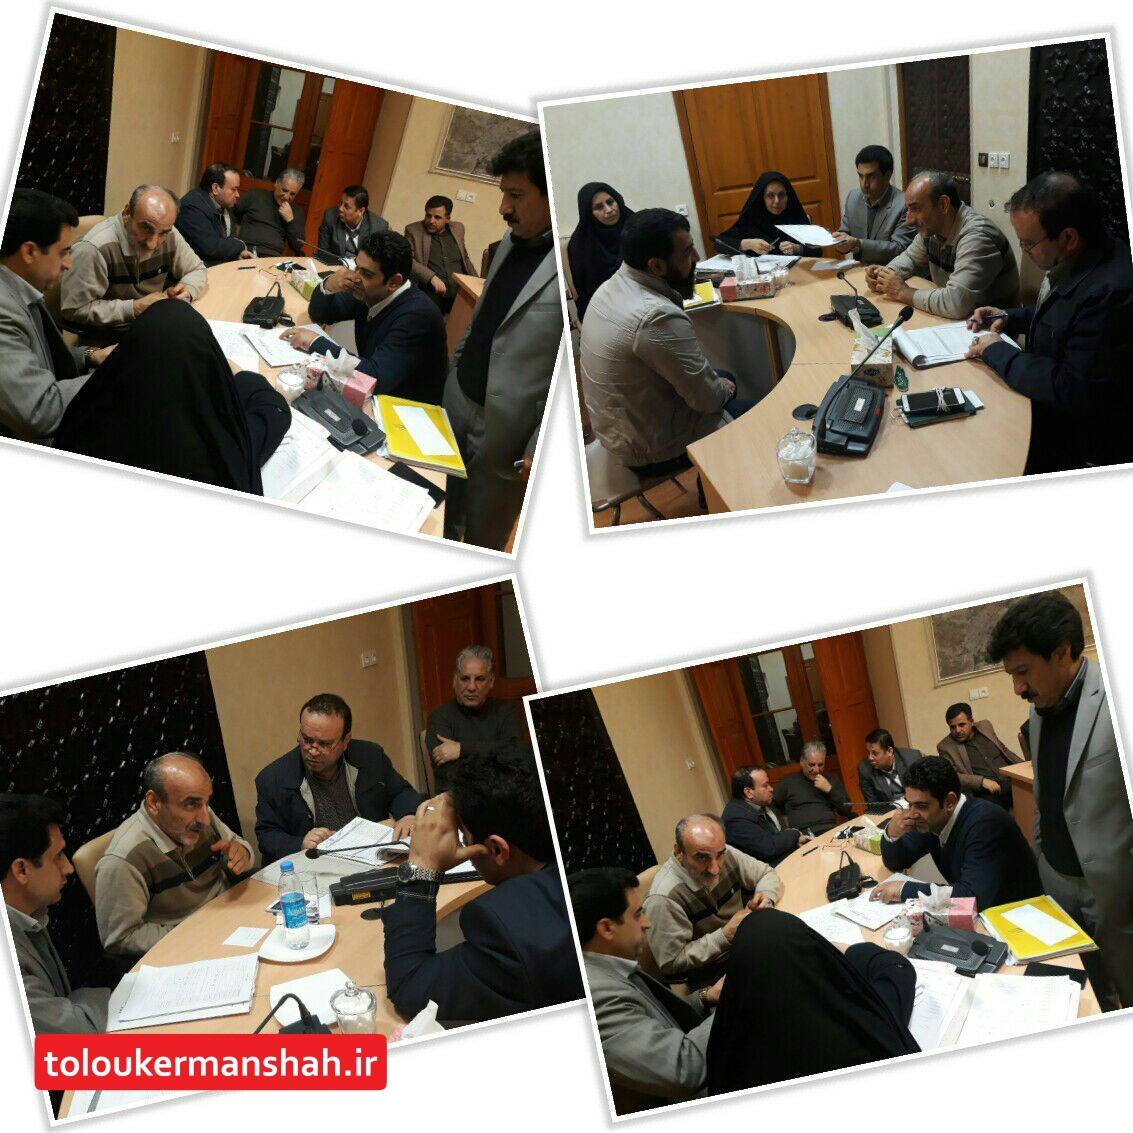 جلسه دکترطلوعی شهردار کرمانشاه ومعاون شهرسازی با فعالین صنعت ساختمان